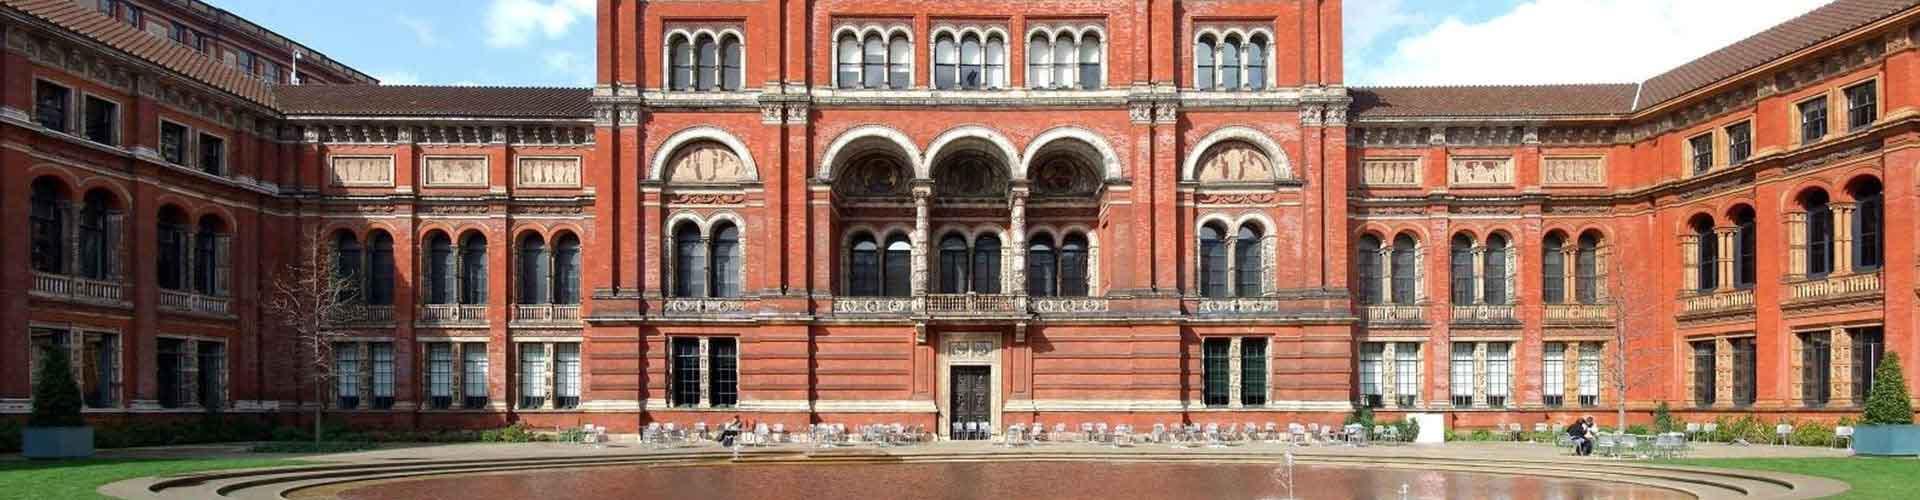 Londres - Habitaciones cerca a Victoria and Albert Museum. Mapas de Londres, Fotos y comentarios de cada Habitación en Londres.